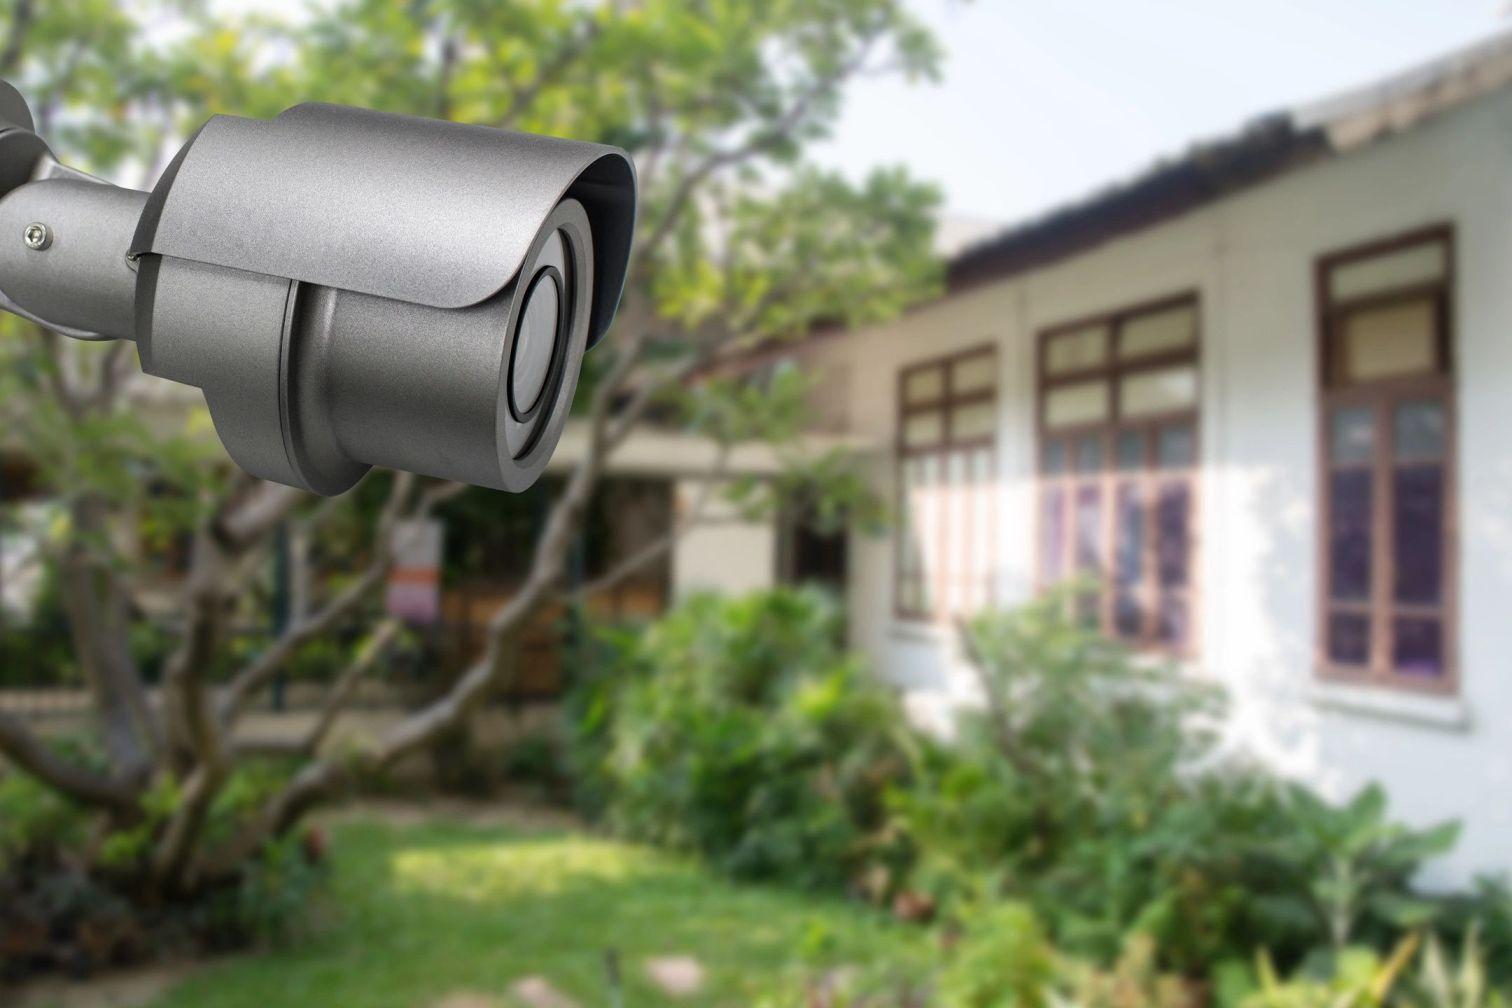 securitatea casei tale - camera supraveghere vecini